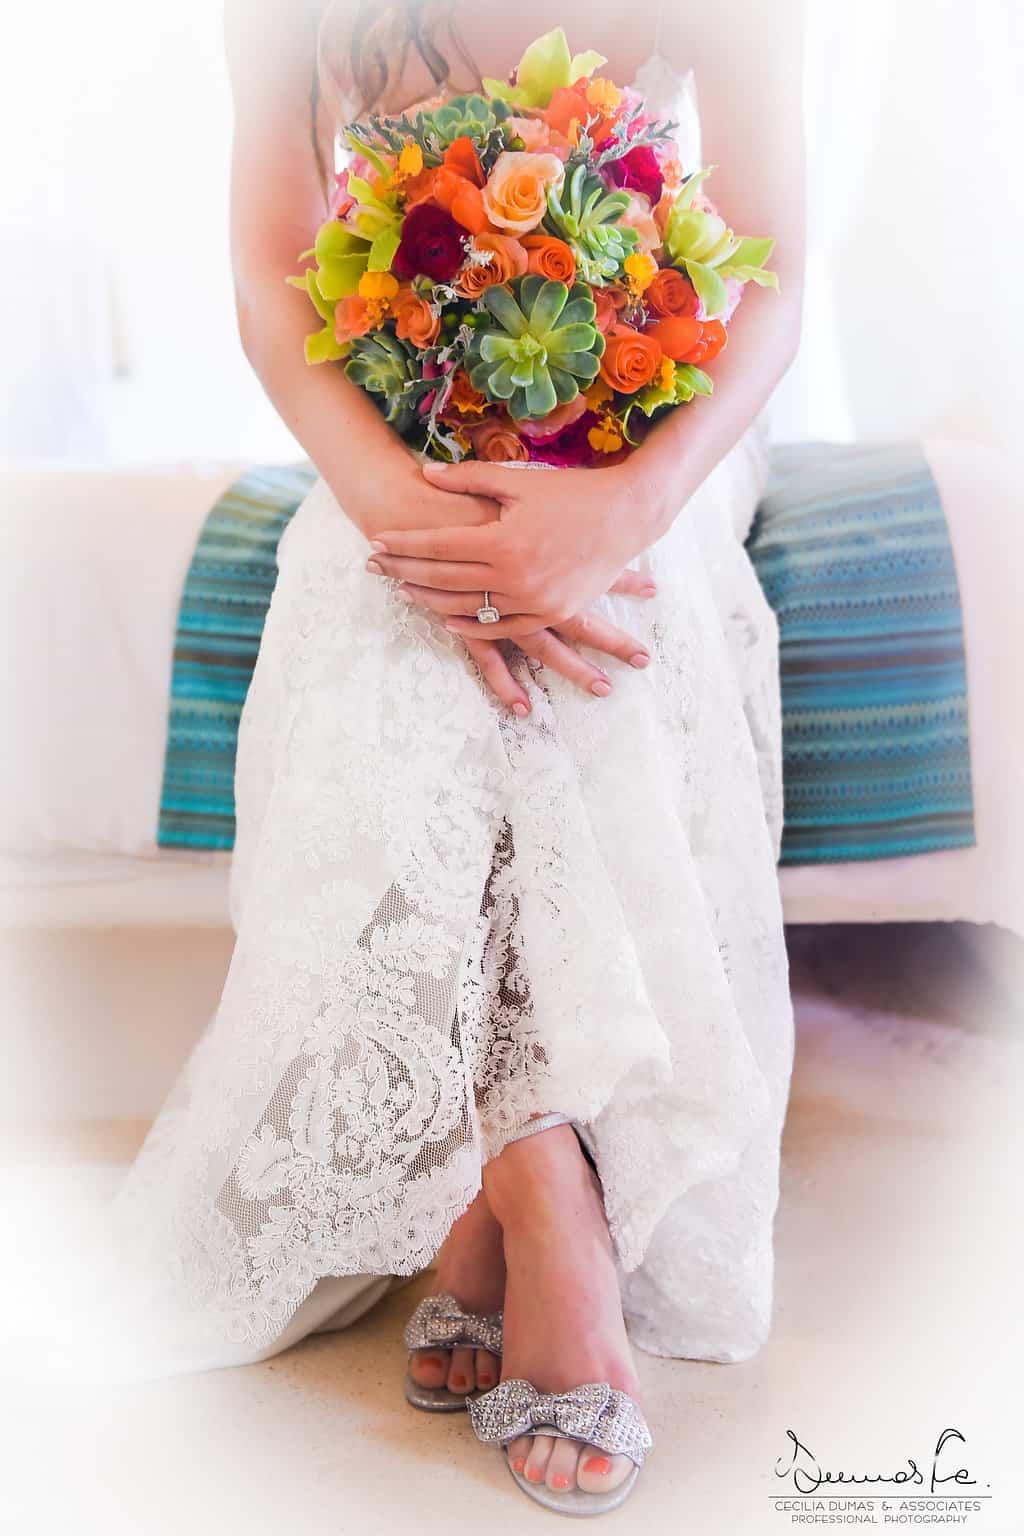 mahekalhotel-playadelcarmen-weddingphotography-lindseyalfredo21